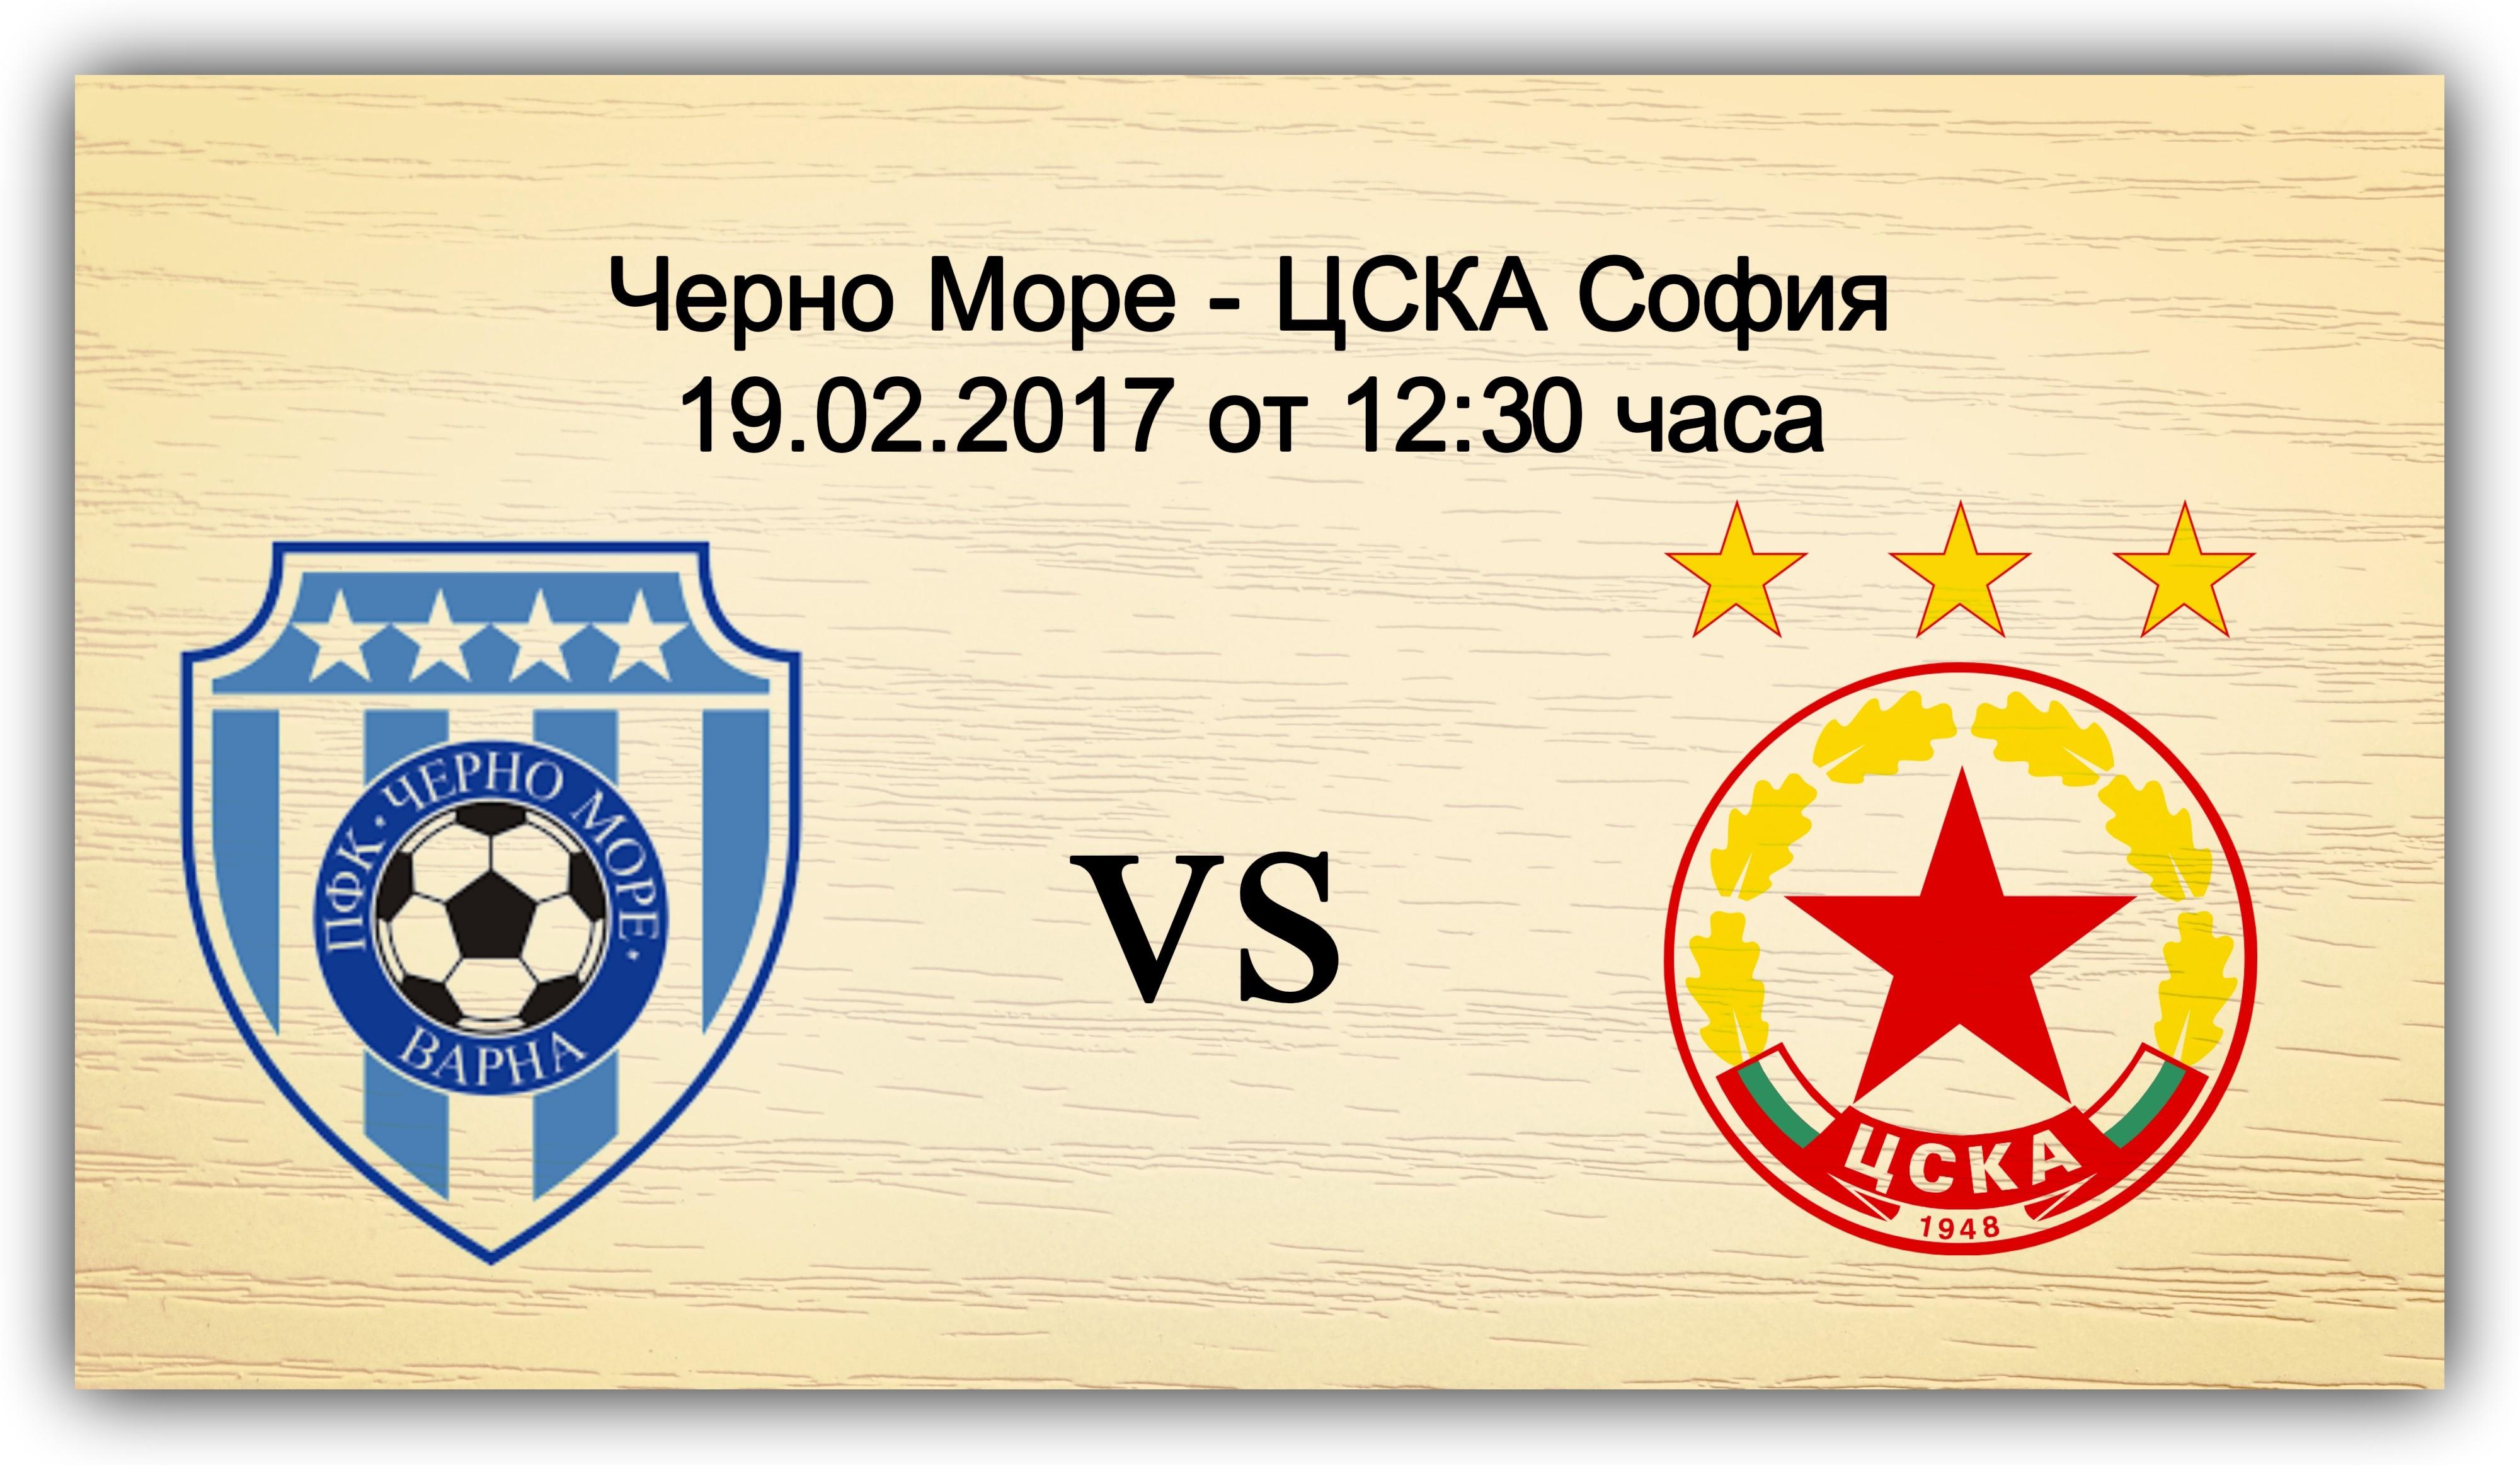 Черно Море - ЦСКА-София: 19.02.2017